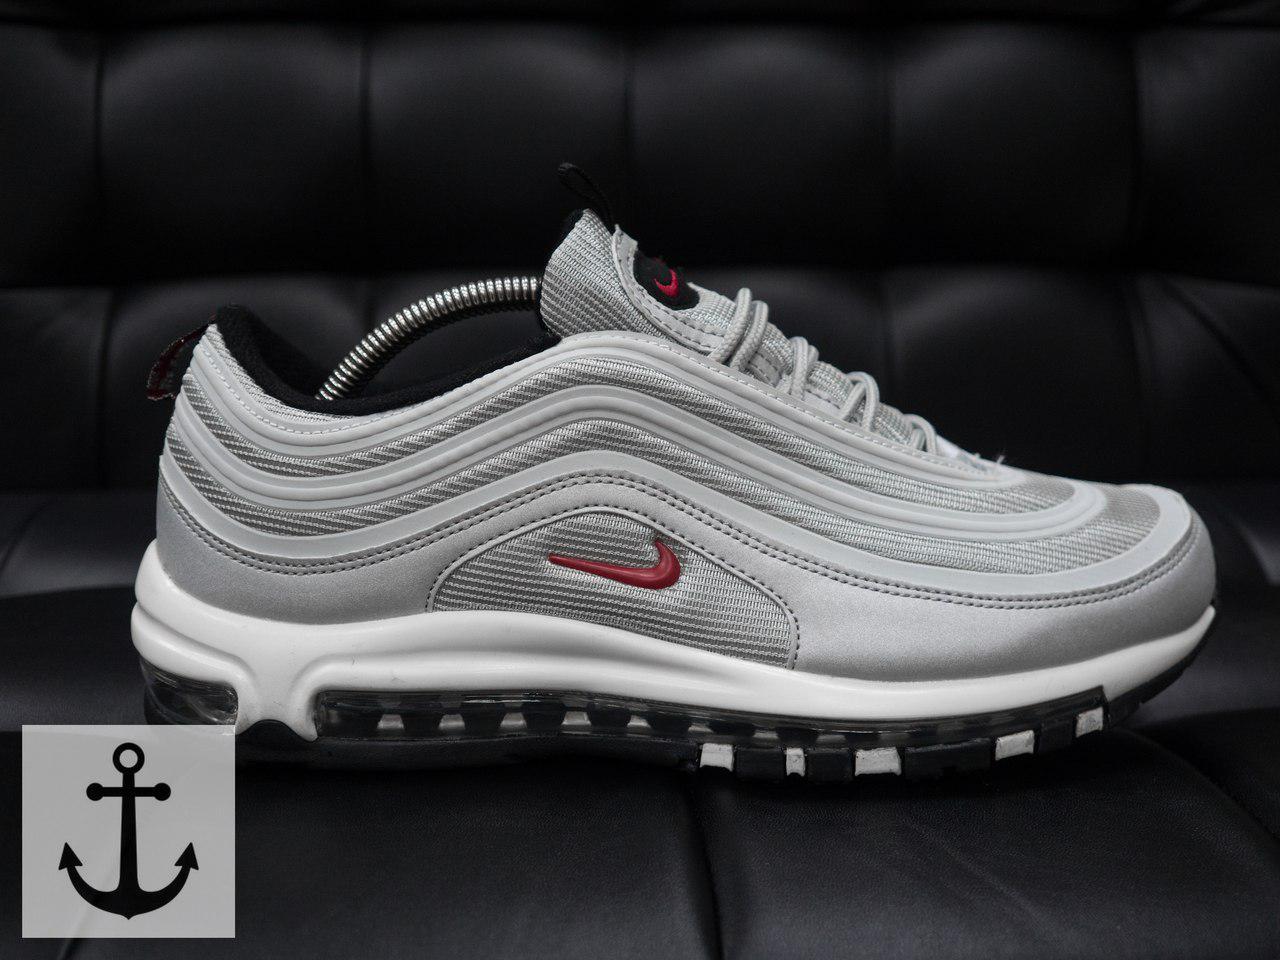 Мужские кроссовки Nike Air Max 97 (в стиле Найк Аир Макс) серые -  Мультибрендовый fa7d61b5bd0